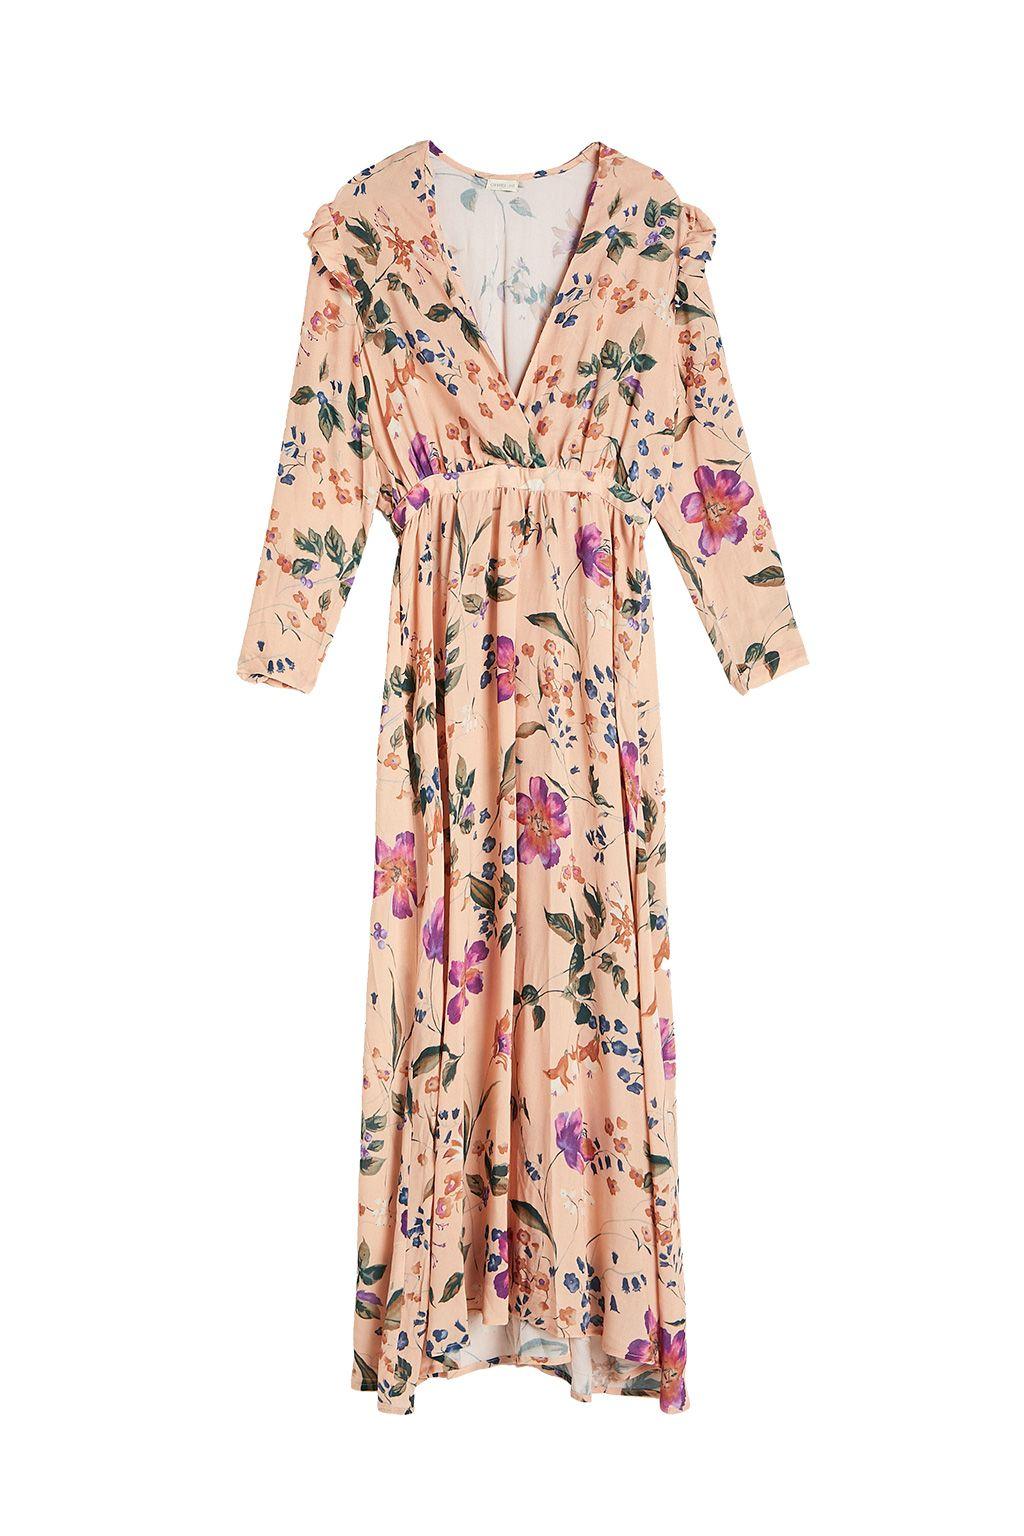 Vestido largo flores, de Oysho